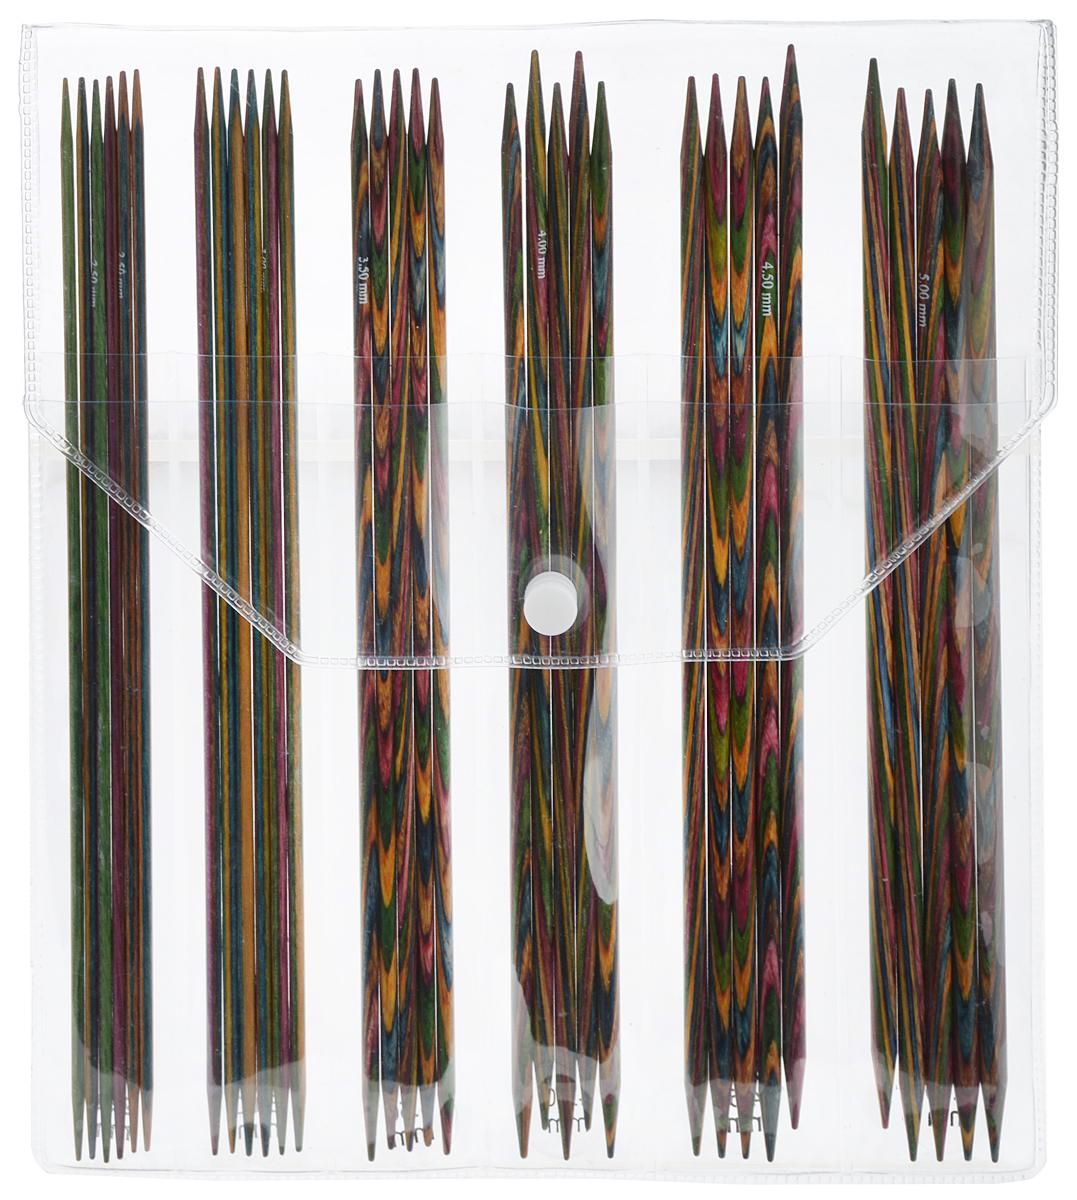 Набор чулочных спиц KnitPro Symfonie, 2,5-5,0 мм, 6 видов20631Набор KnitPro Symfonie состоит из 6 комплектов деревянных чулочных спиц разного диаметра и пластиковой сумки-чехла для их хранения. Спицы прочные, легкие, гладкие, удобные в использовании. Деревянные спицы предназначены для вязания чулок, шапочек, варежек, носков и других вещей. Вы сможете вязать для себя и делать подарки друзьям. Рукоделие всегда считалось изысканным, благородным делом. Работа, сделанная своими руками, долго будет радовать вас и ваших близких. Диаметр спиц: 2,5 мм; 3 мм; 3,5 мм; 4 мм; 4,5 мм; 5 мм. Длина спиц: 20 см. Рекомендуем!